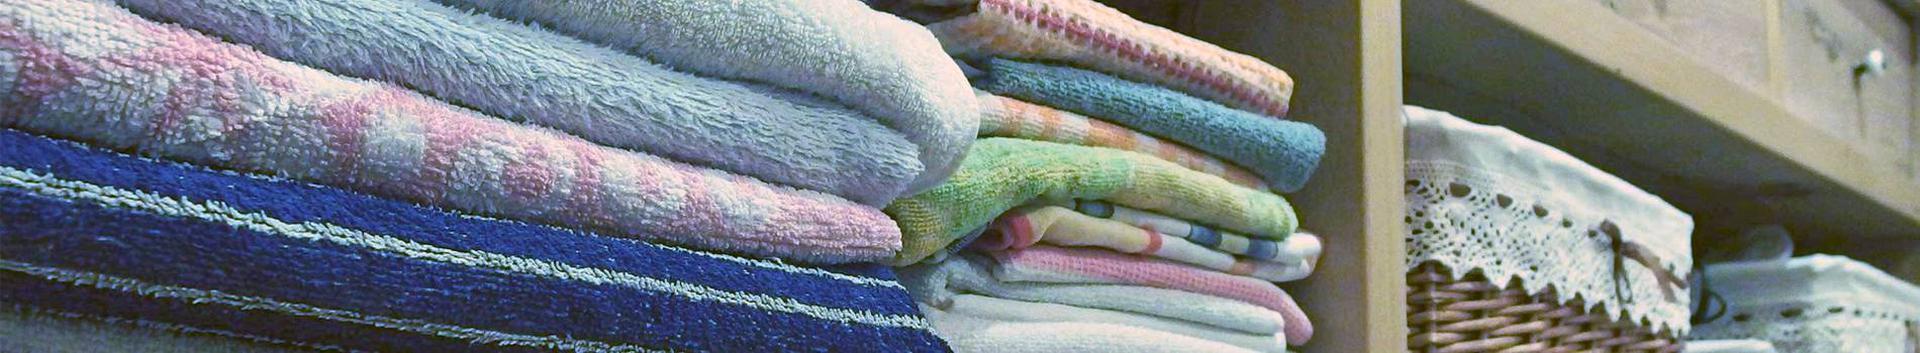 47511_tekstiiltoodete-jaemuuk_68769647_xl.jpg